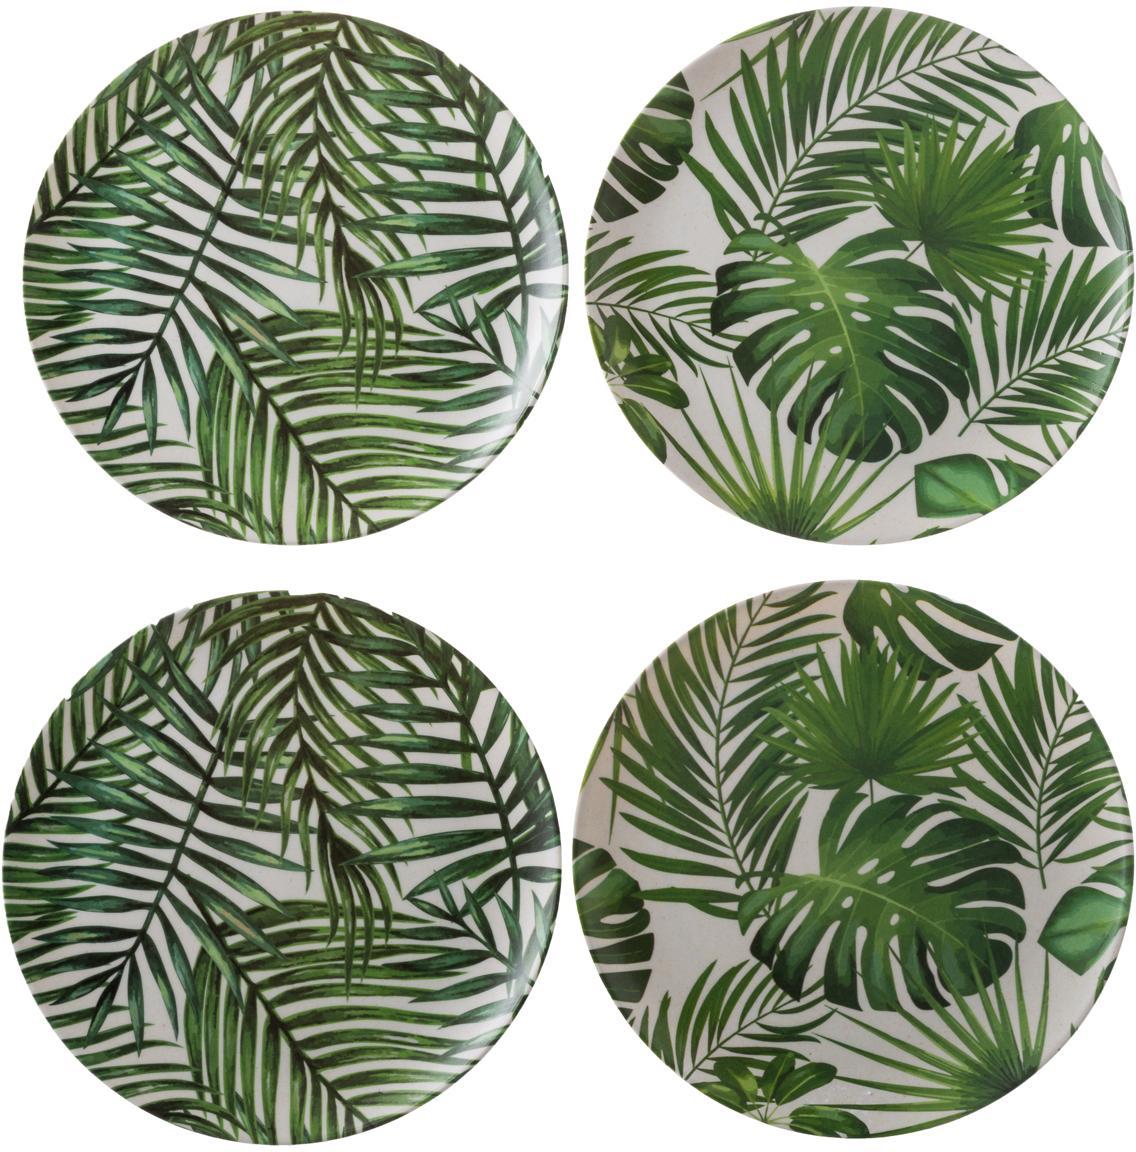 Bambus-Frühstücksteller-Set Tropical, 4-tlg., 55%Bambusfasern, 25%Maisstärke, 15%Melamin, Grüntöne, Weiß, Ø 20 cm